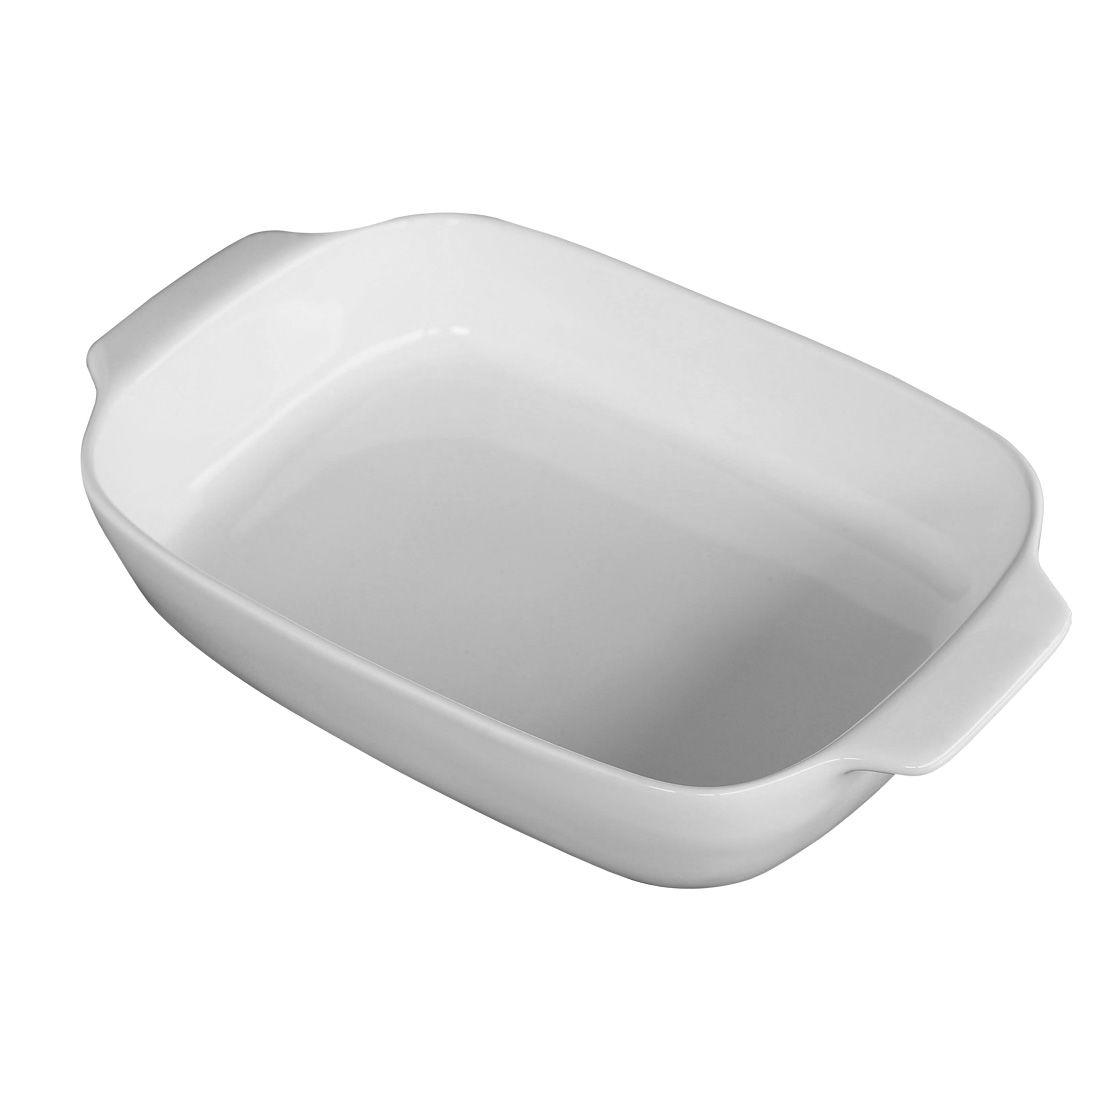 Forma Assadeira para Micro-Ondas, Forno Convencional e Elétrico de Cerâmica Retangular com Alça Branca 31Cm